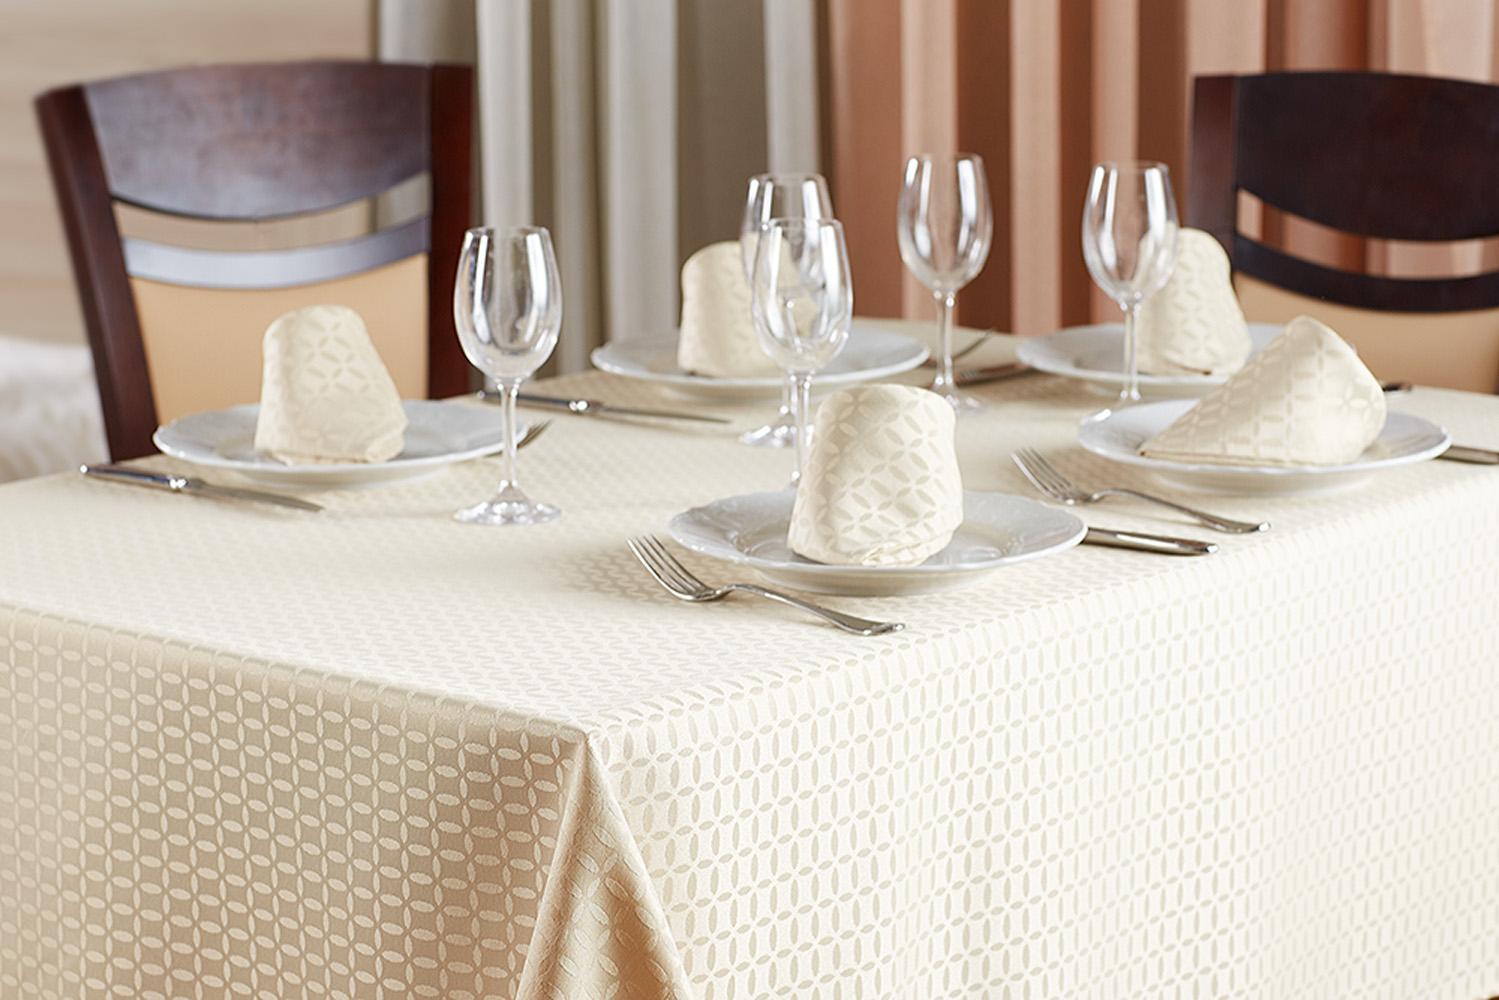 Набор столового белья Primavelle 4690400068852, светло-бежевый скатерти и салфетки мток скатерть 6 салфеток гжель букет набор